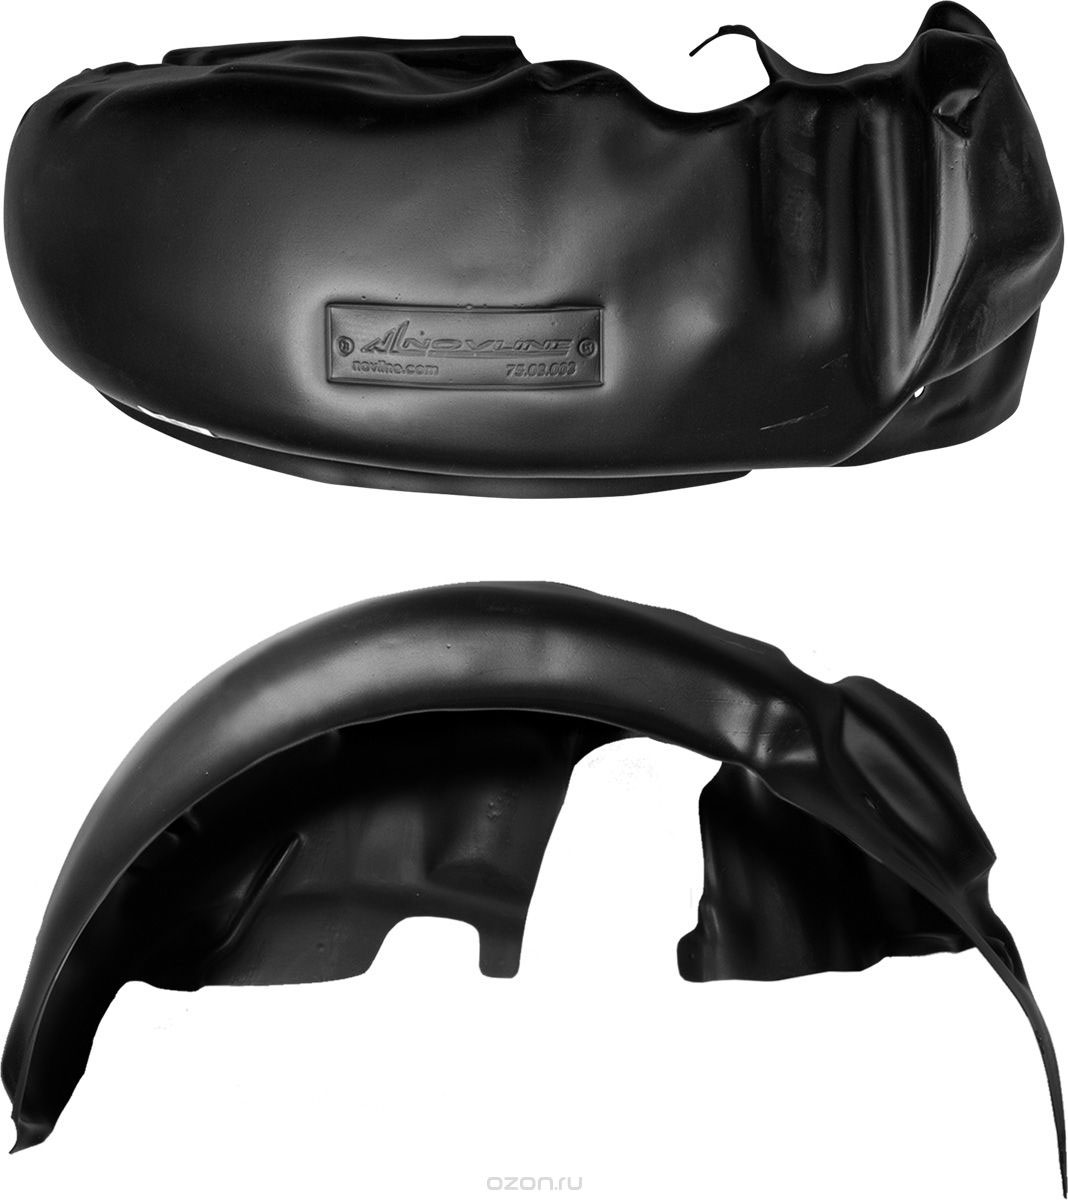 Подкрылок Novline-Autofamily, для Peugeot 107, 2005-2014, задний правыйNLL.38.07.004Идеальная защита колесной ниши. Локеры разработаны с применением цифровых технологий, гарантируют максимальную повторяемость поверхности арки. Изделия устанавливаются без нарушения лакокрасочного покрытия автомобиля, каждый подкрылок комплектуется крепежом. Уважаемые клиенты, обращаем ваше внимание, что фотографии на подкрылки универсальные и не отражают реальную форму изделия. При этом само изделие идет точно под размер указанного автомобиля.